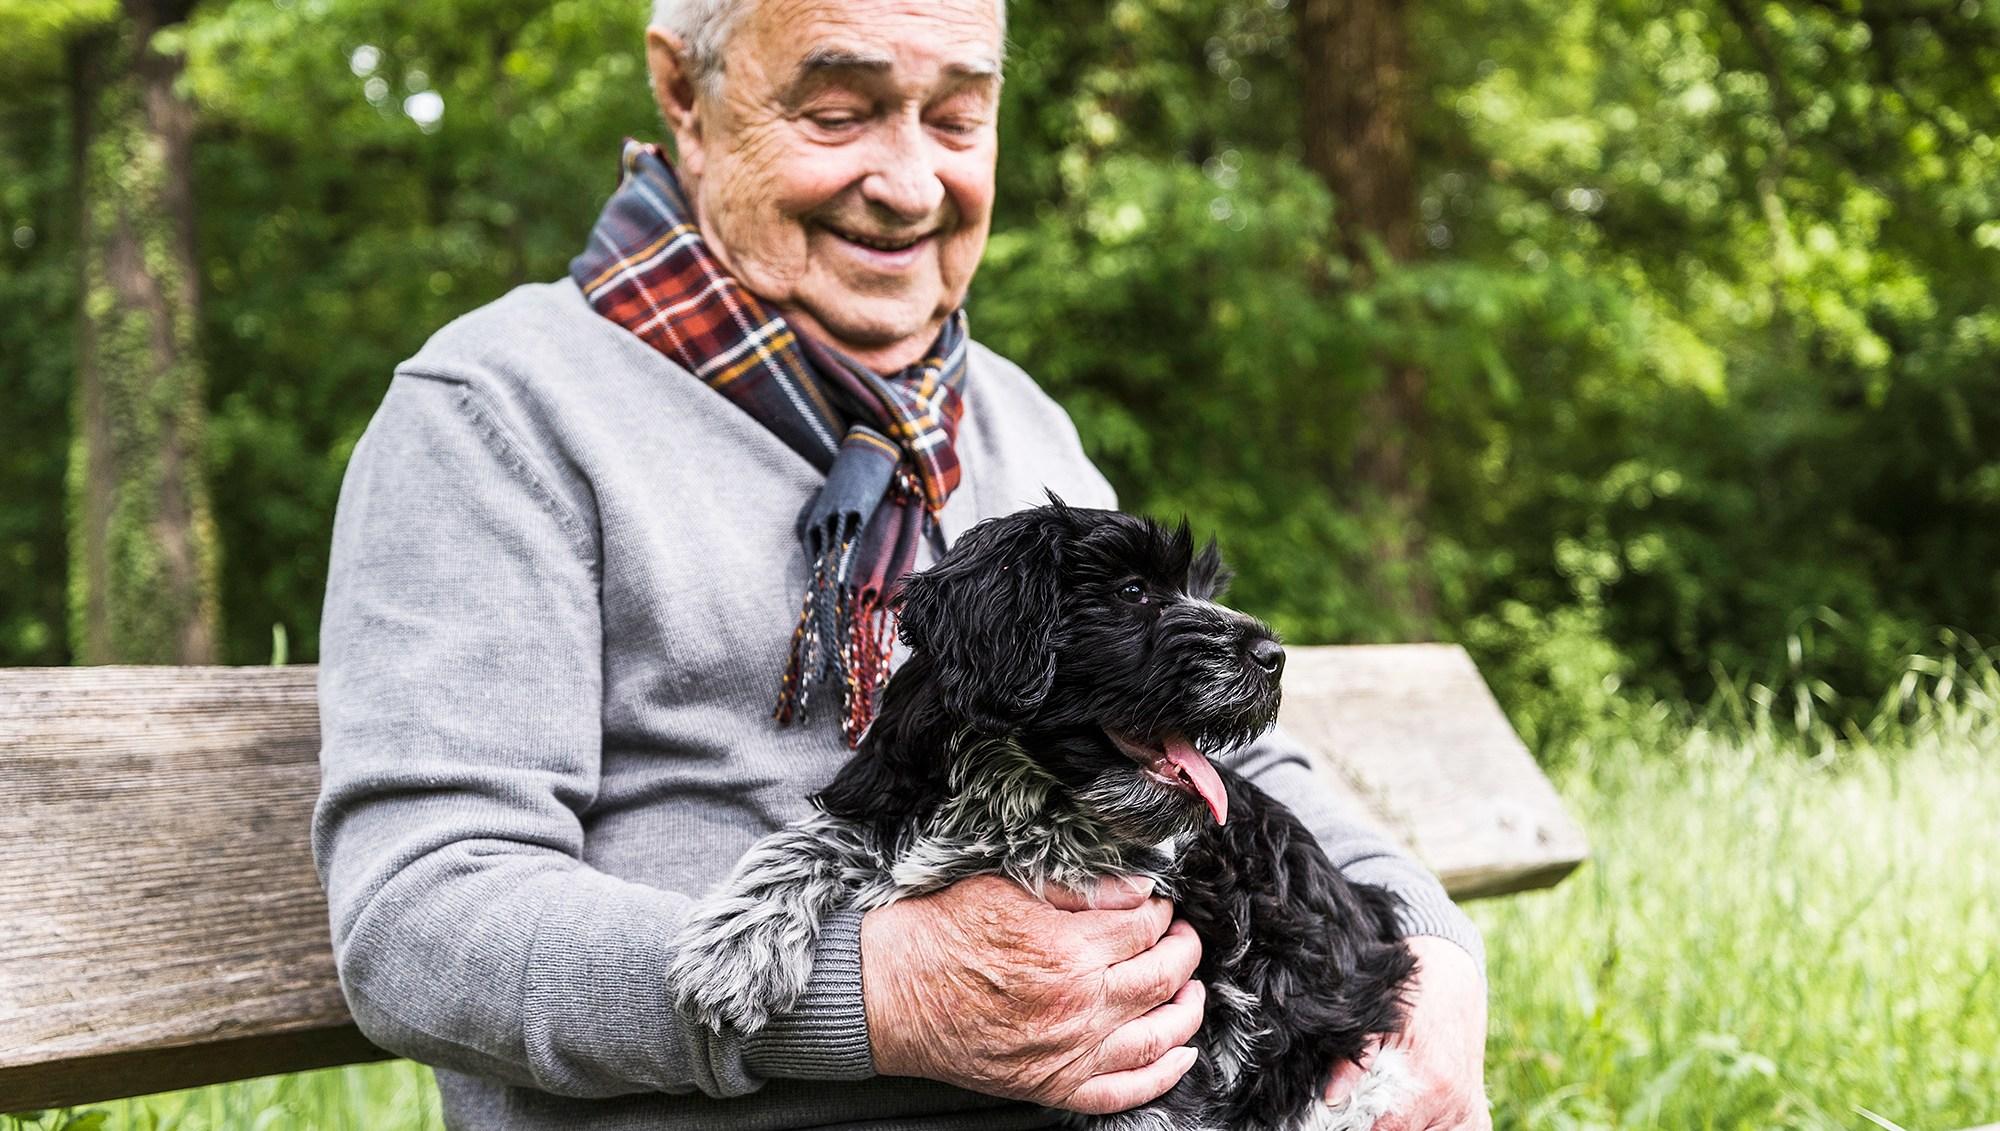 Meals On Wheels Pets Elderly Initiative